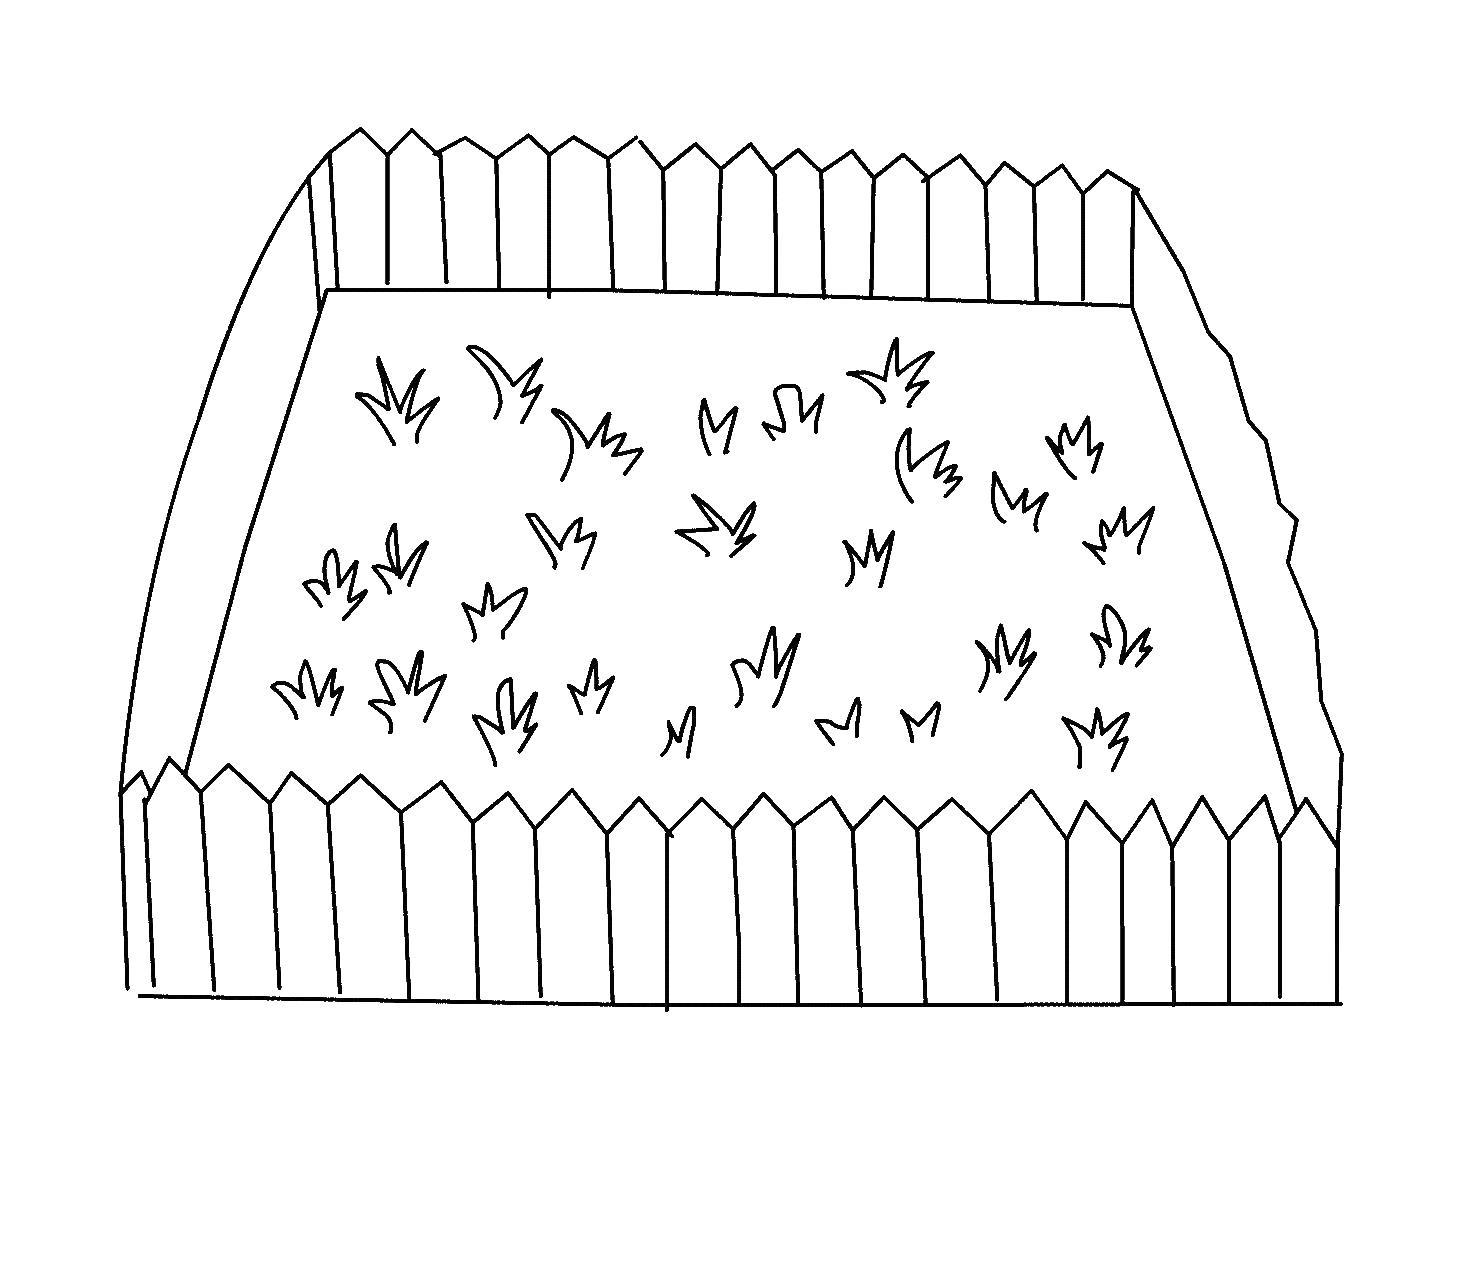 Трава и цветы на участке с забором